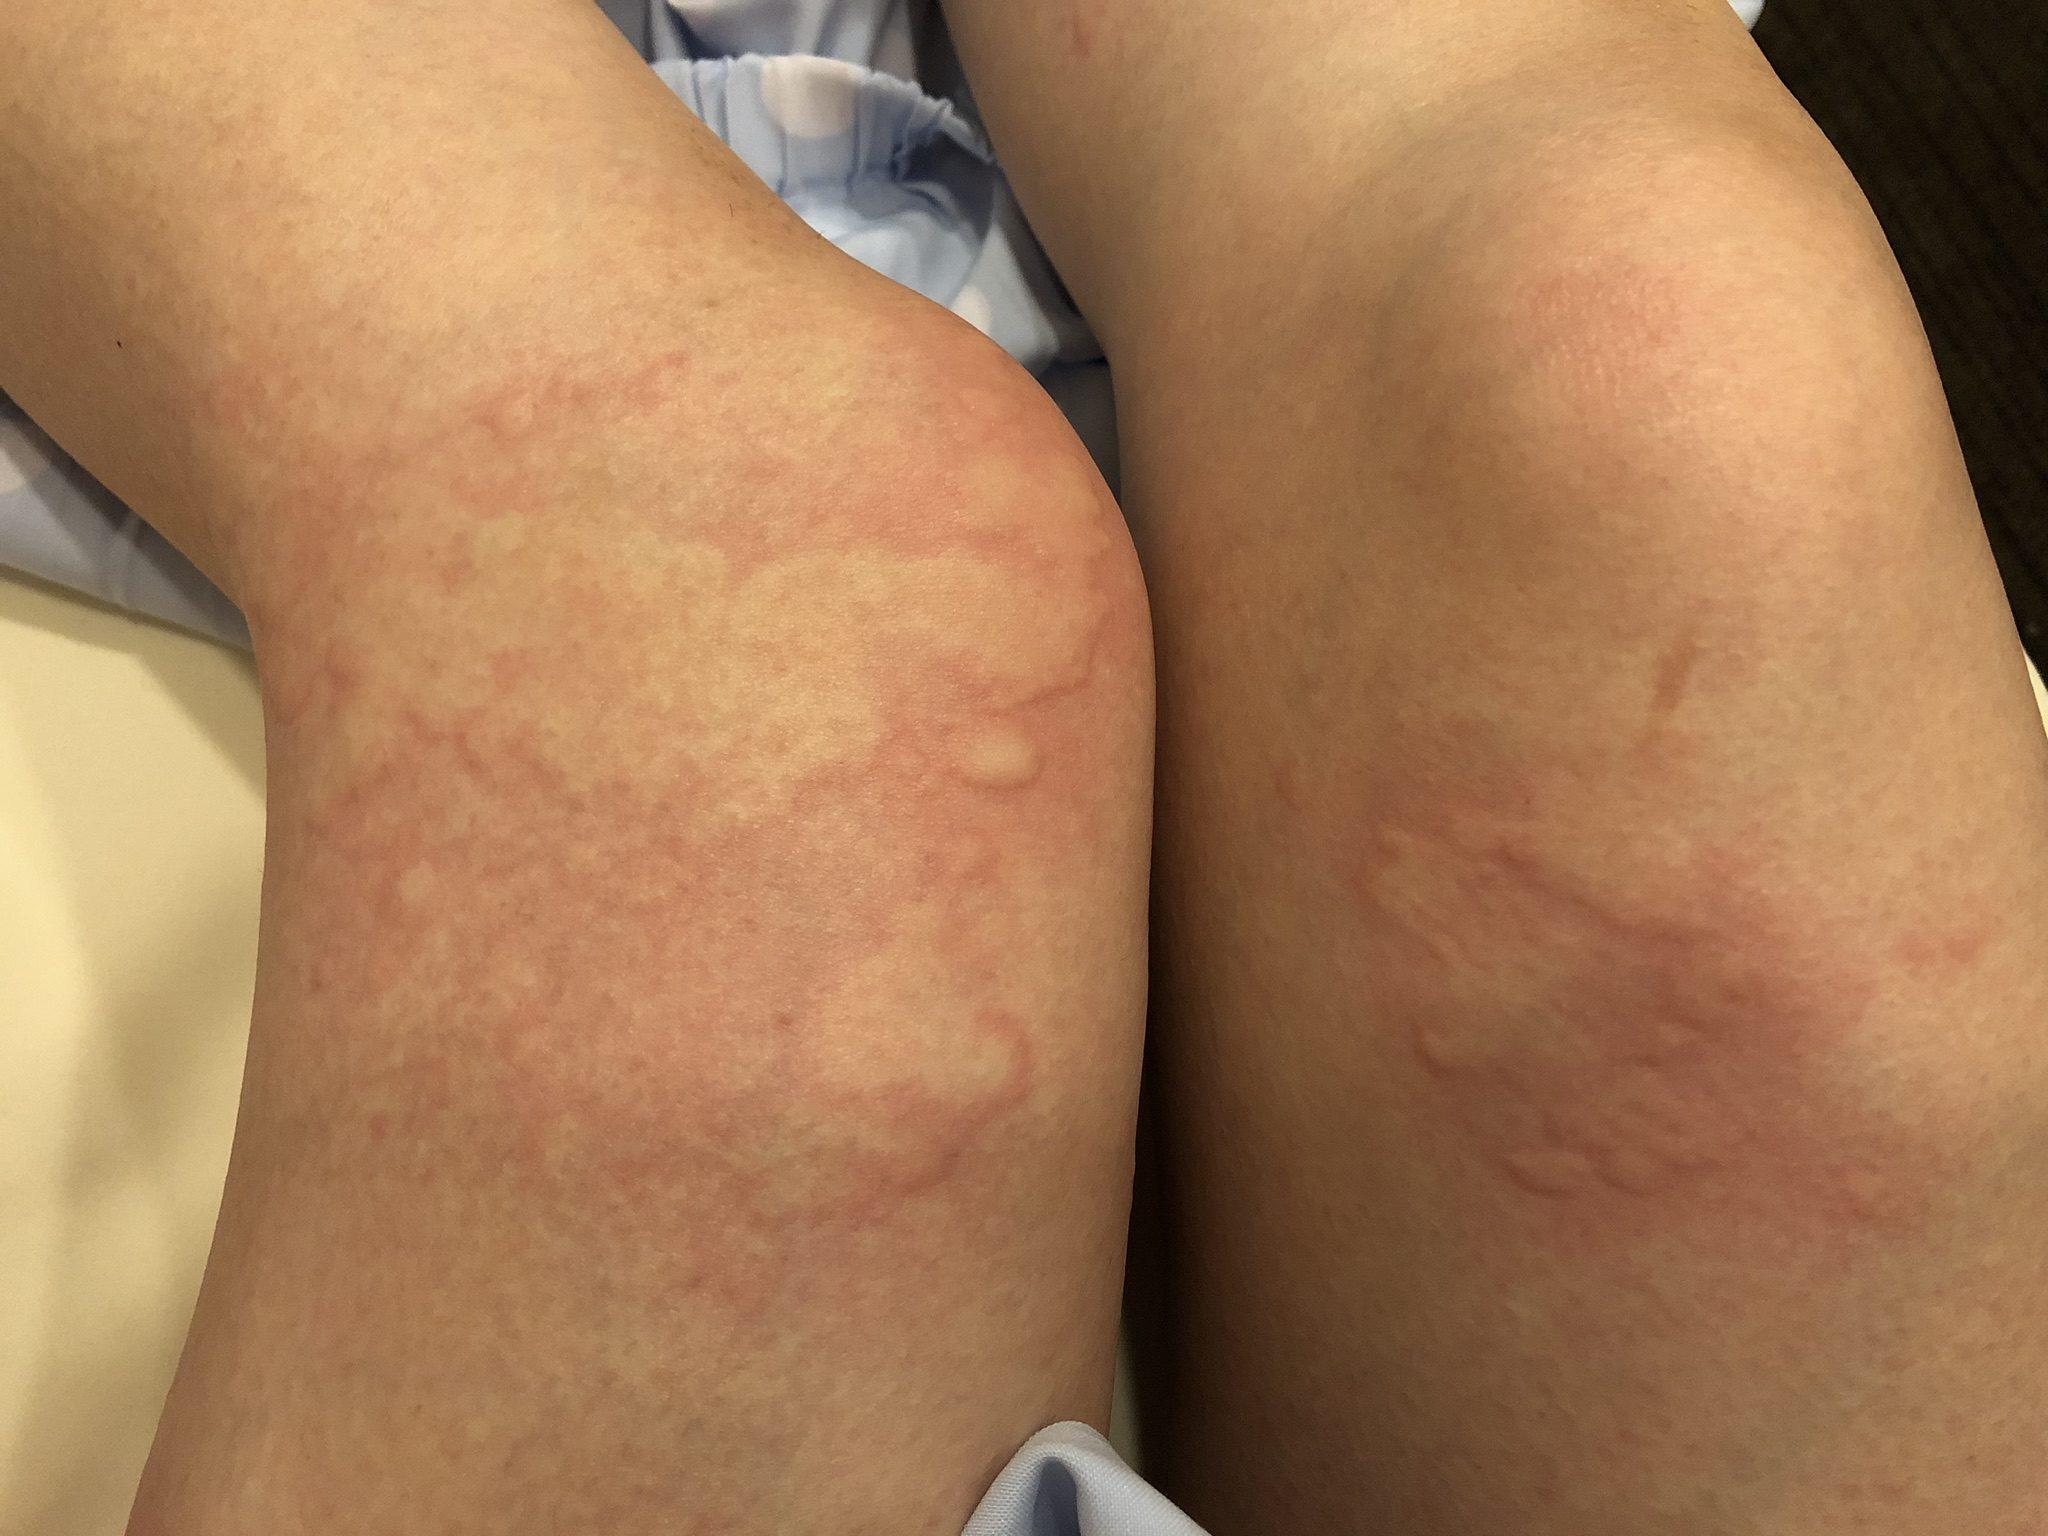 リトドリン蕁麻疹3